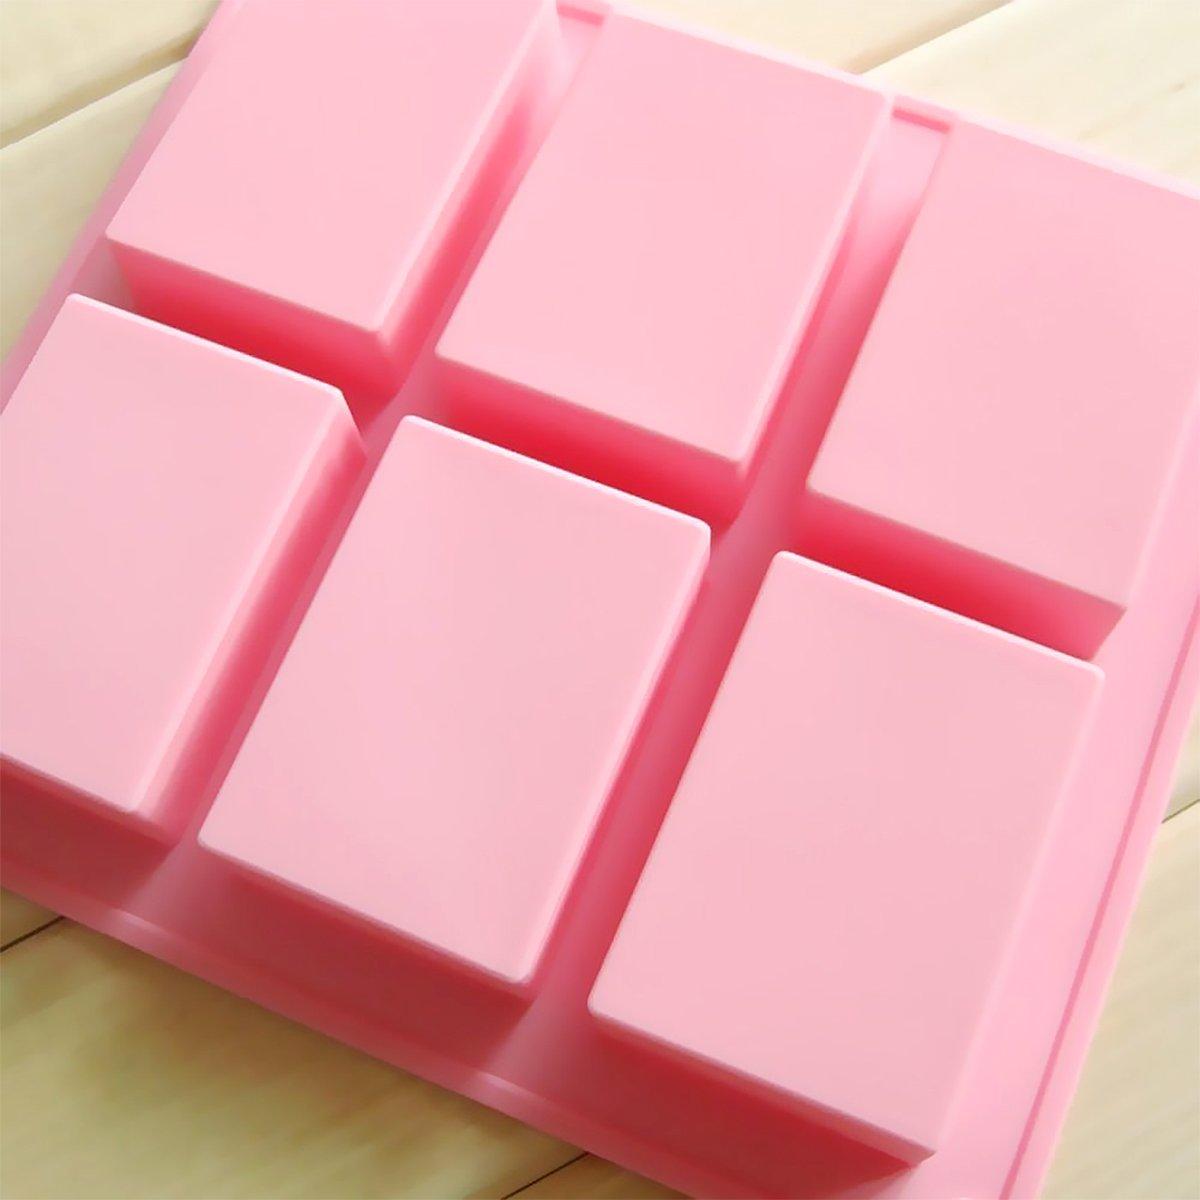 Molde de jabón de silicona, 6 moldes de cavidad para jabón, jabón de silicona premium y molde de resina para manualidades caseras: Amazon.es: Hogar